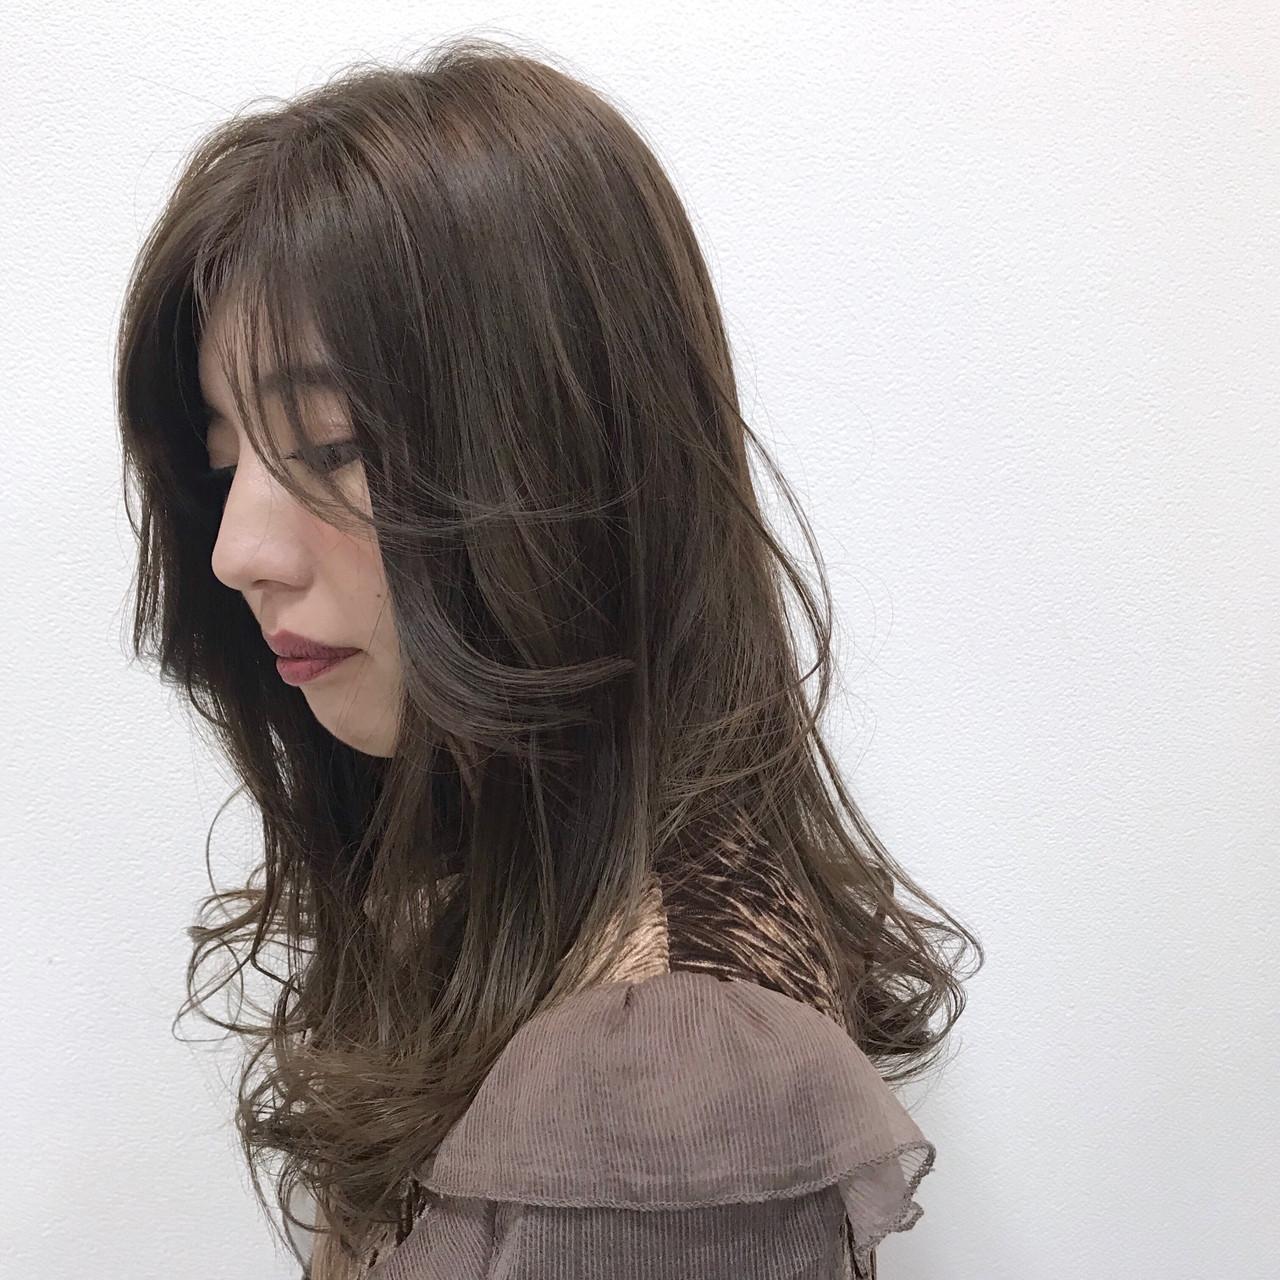 アンニュイなグレージュロング 村西 郁人  nishihara